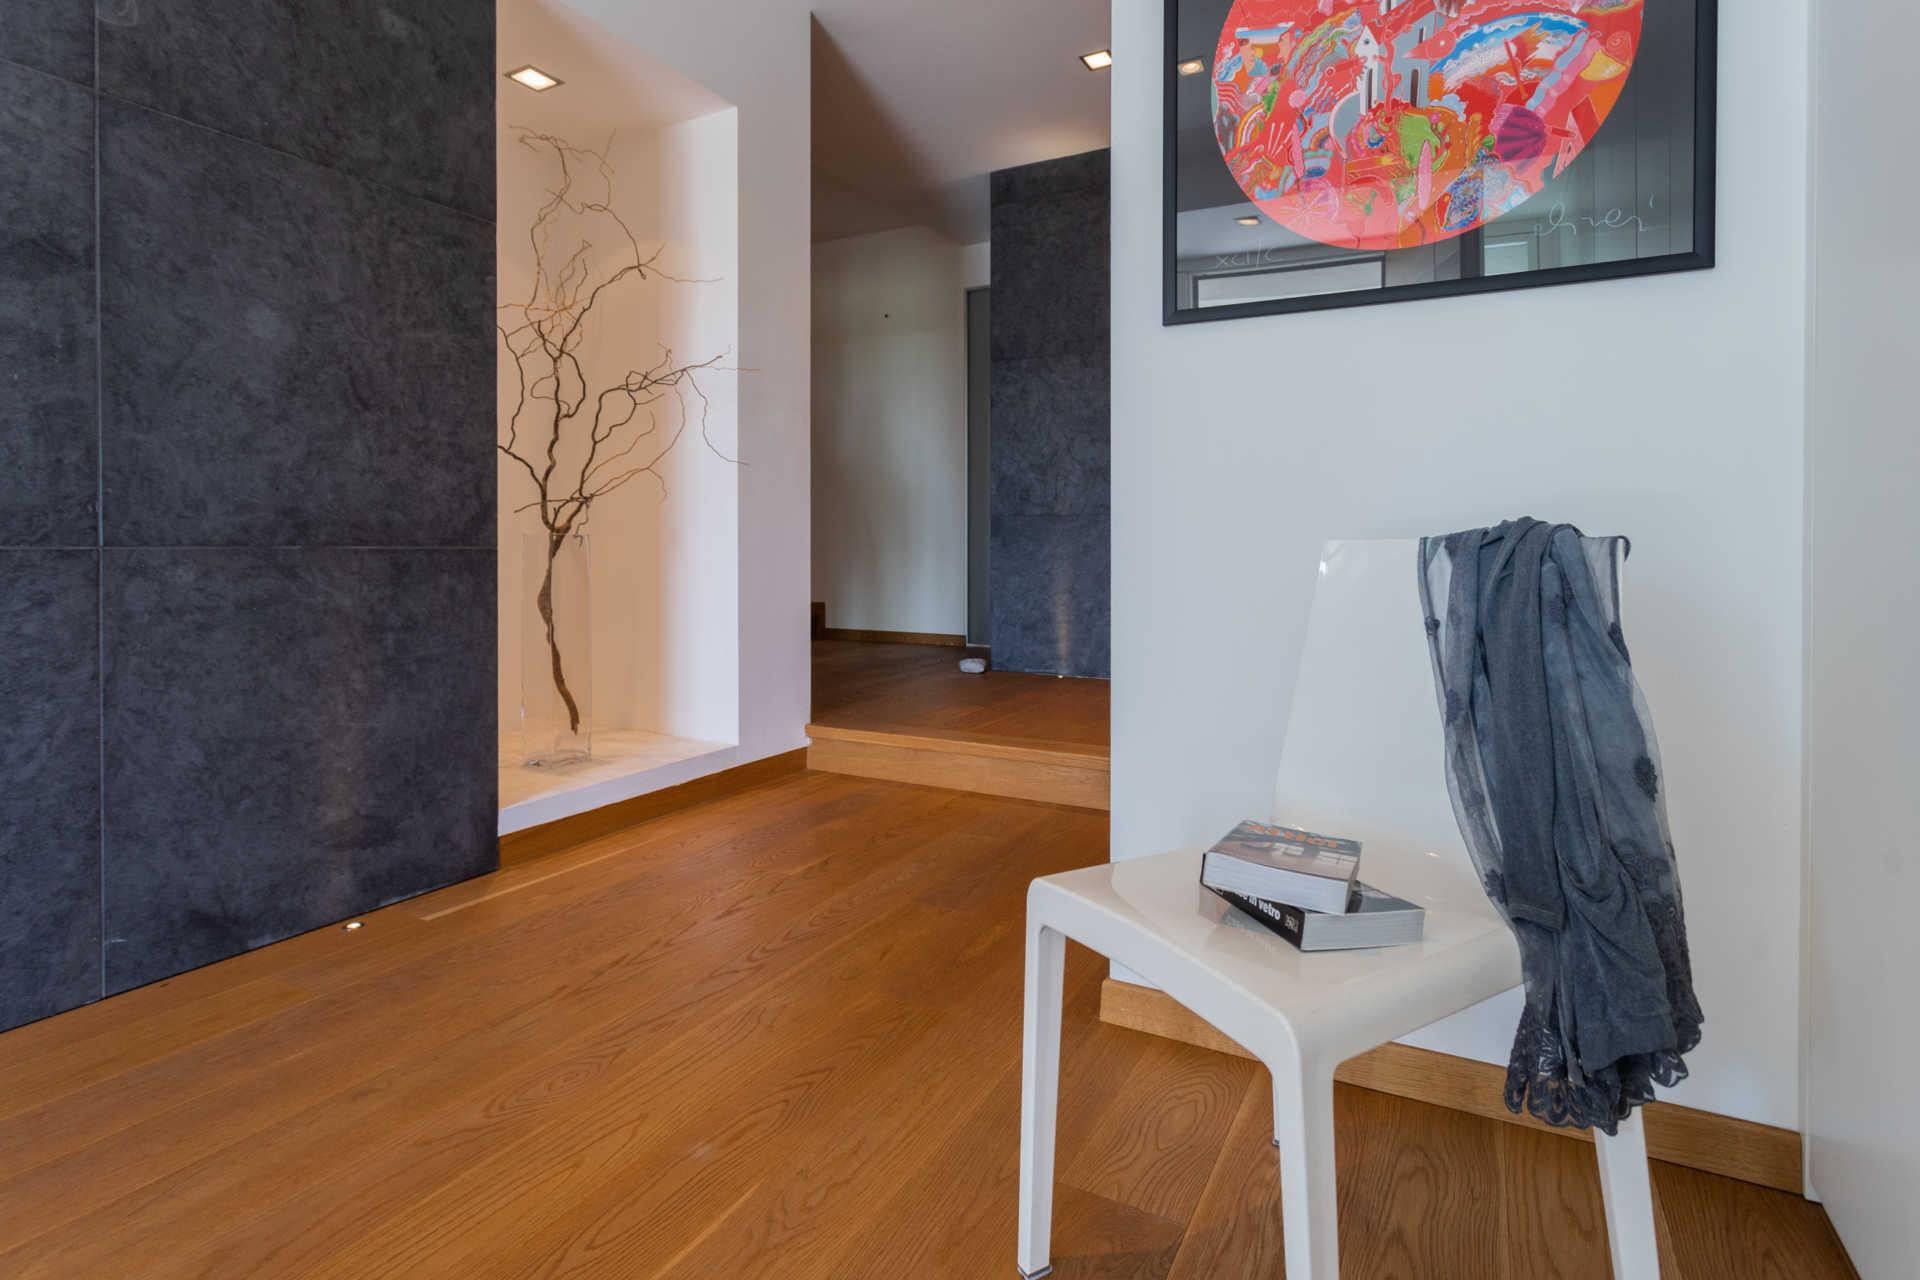 Vendere-casa-in-metà-tempo-home-staging